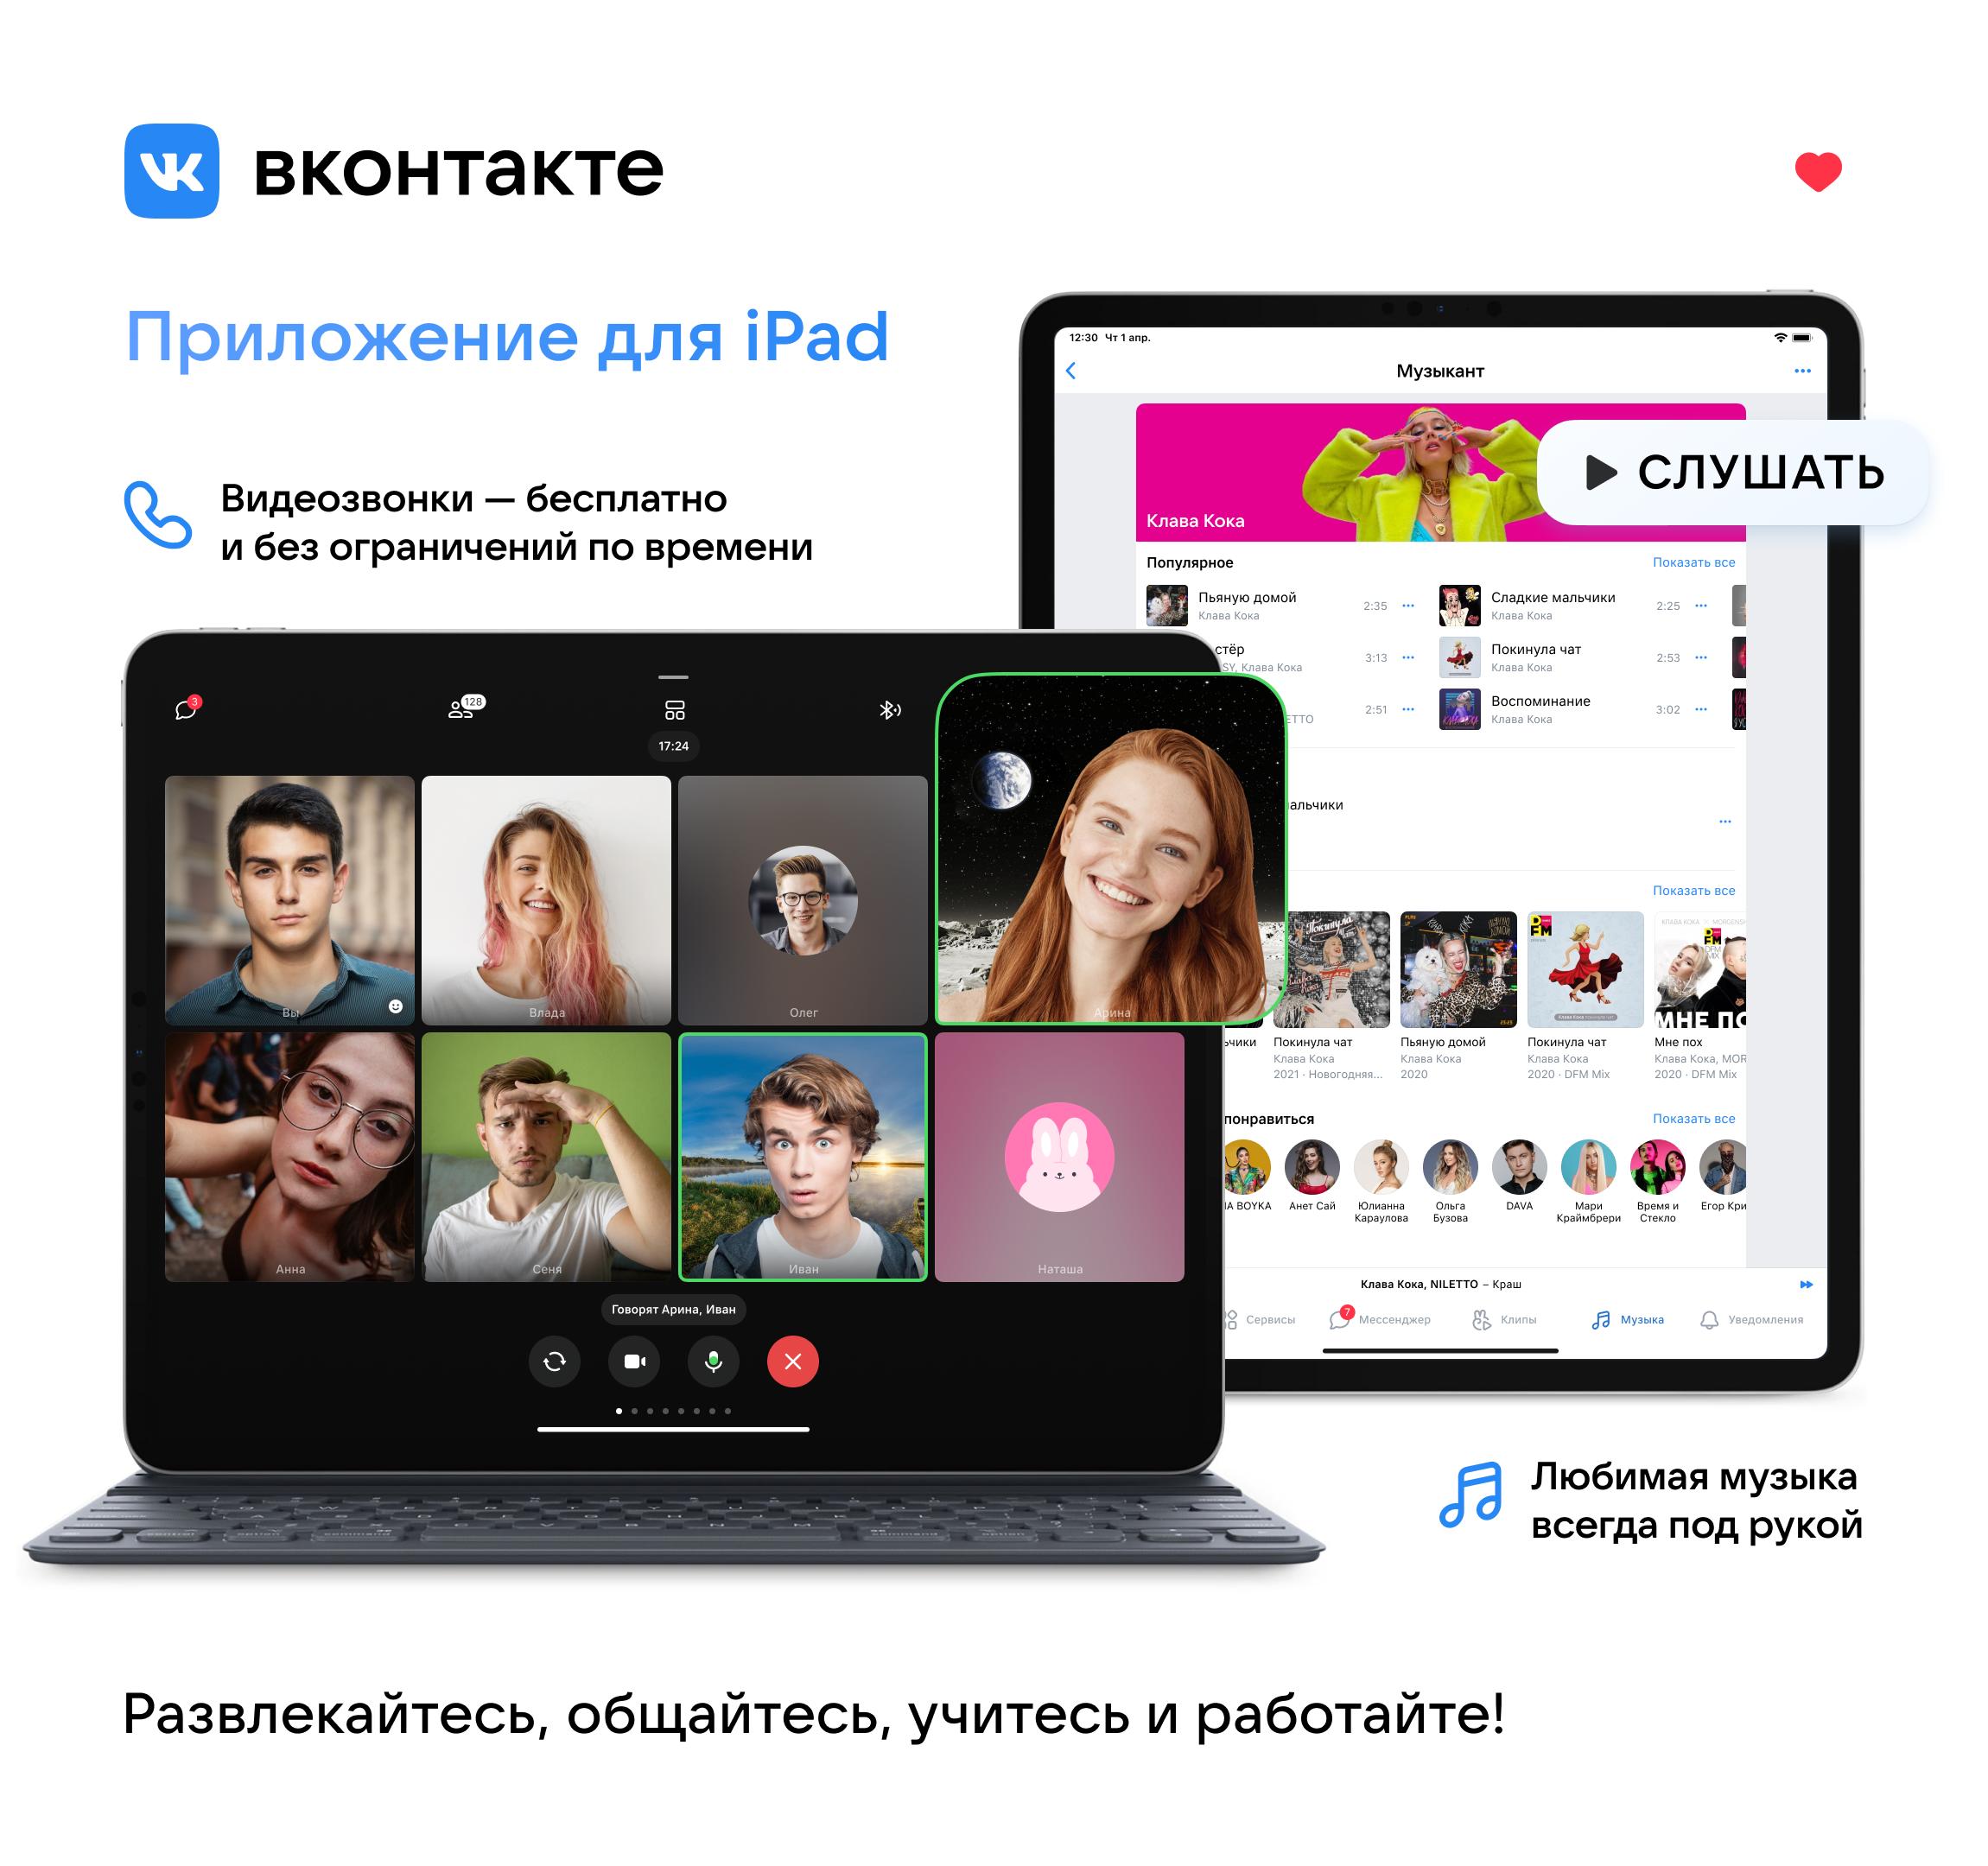 «ВКонтакте» обновила приложение для iPad